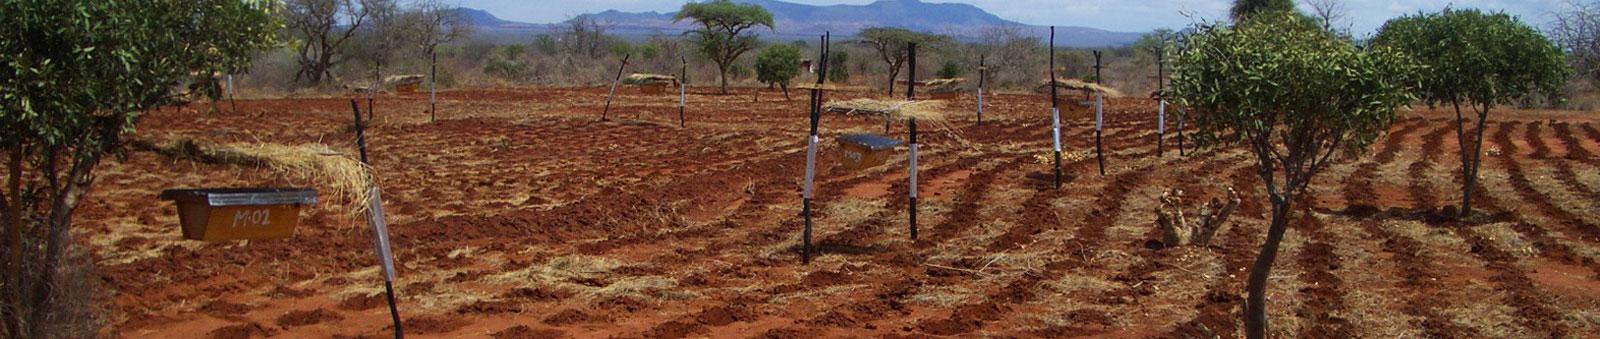 Kenya Beehive Fence